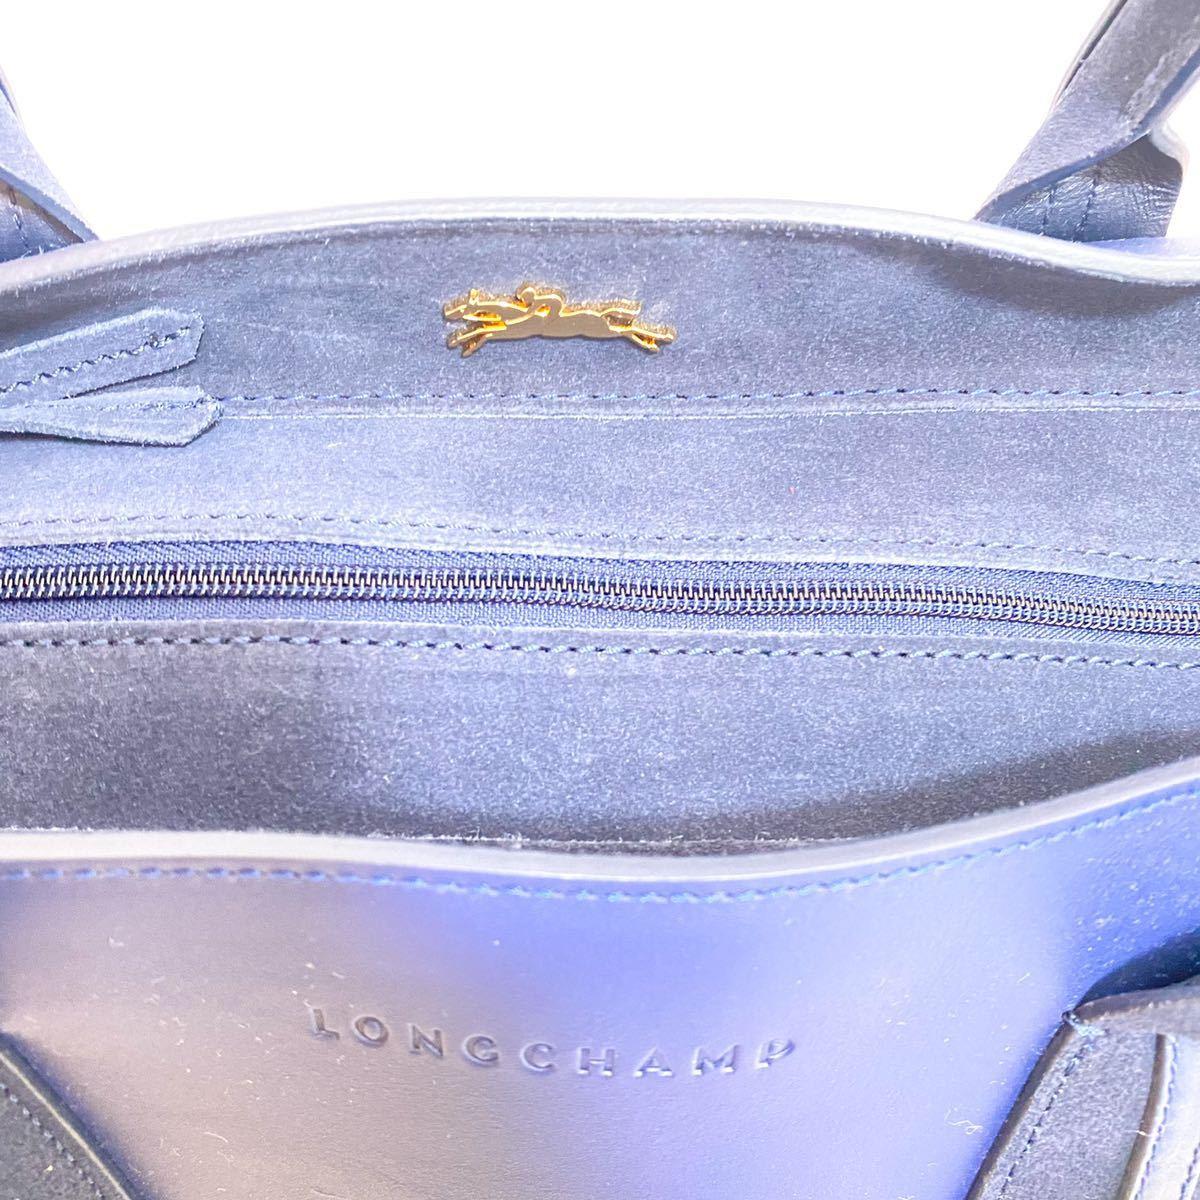 【新品未使用】 ロンシャン ペネロペ ファンテジーM トートバッグ ショルダーバッグ ハンドバッグ LONG CHAMP プリアージュ_画像3